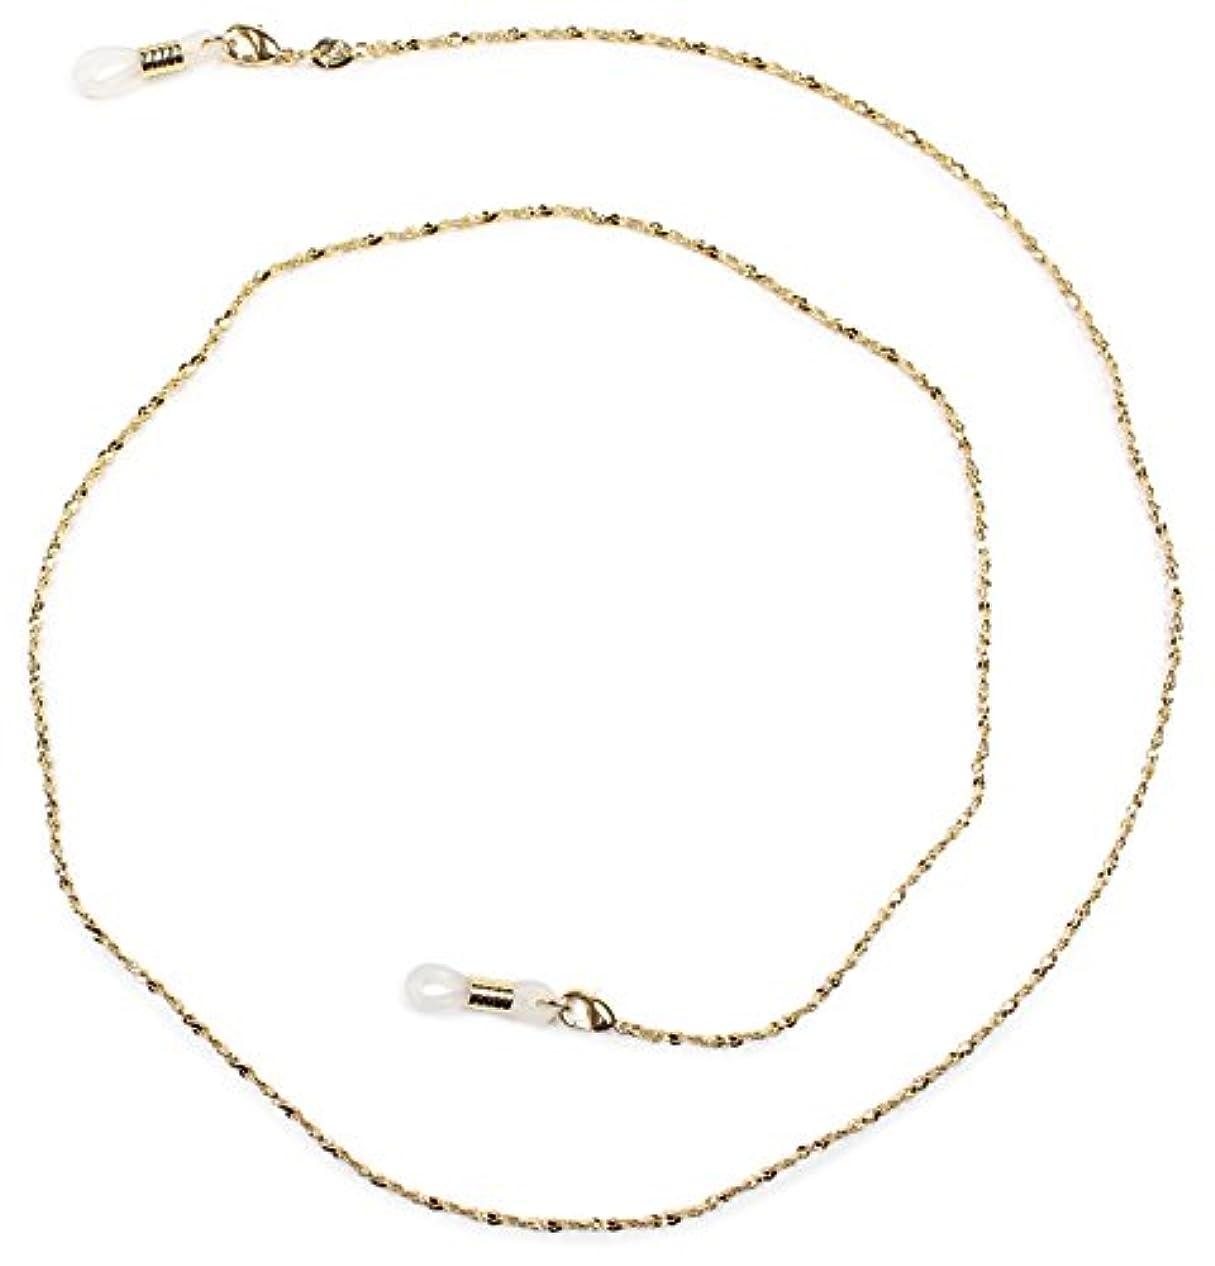 パール グラスコード 真鍮 72cm ゴールド CG-104